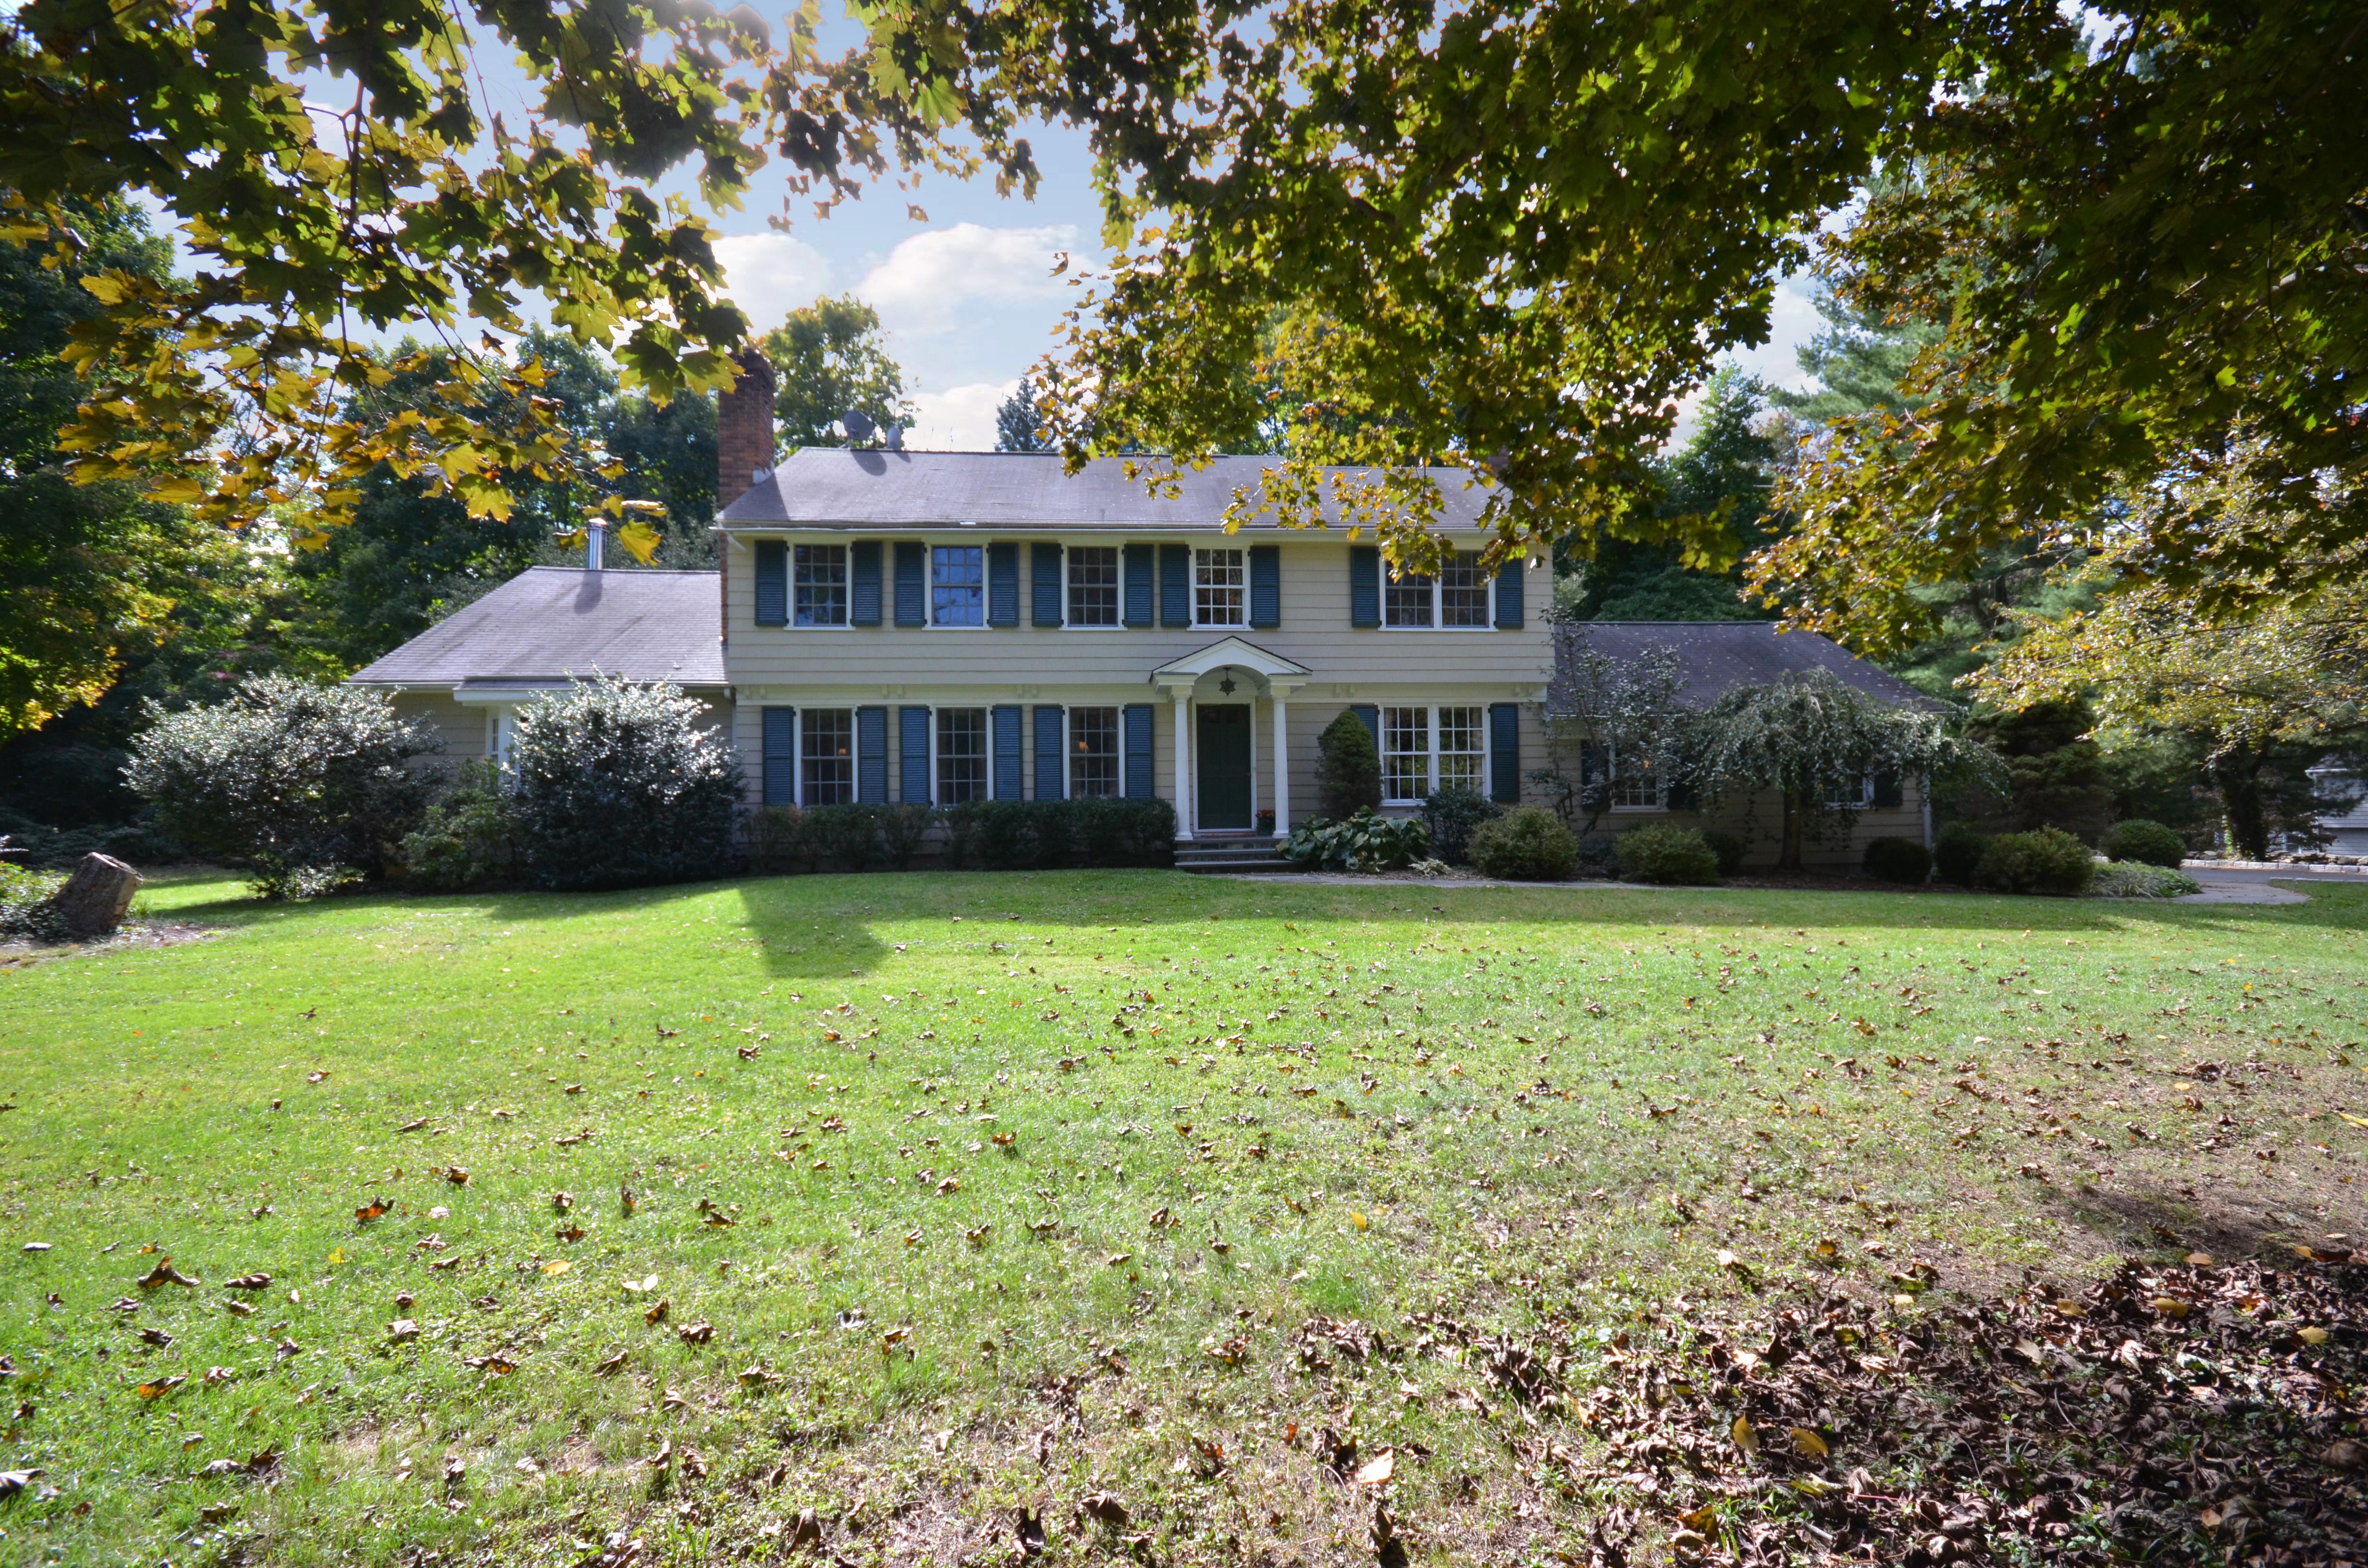 Nhà ở một gia đình vì Bán tại Desirable Cul-de-Sac Location 23 Old Musket Lane Ridgefield, Connecticut 06877 Hoa Kỳ